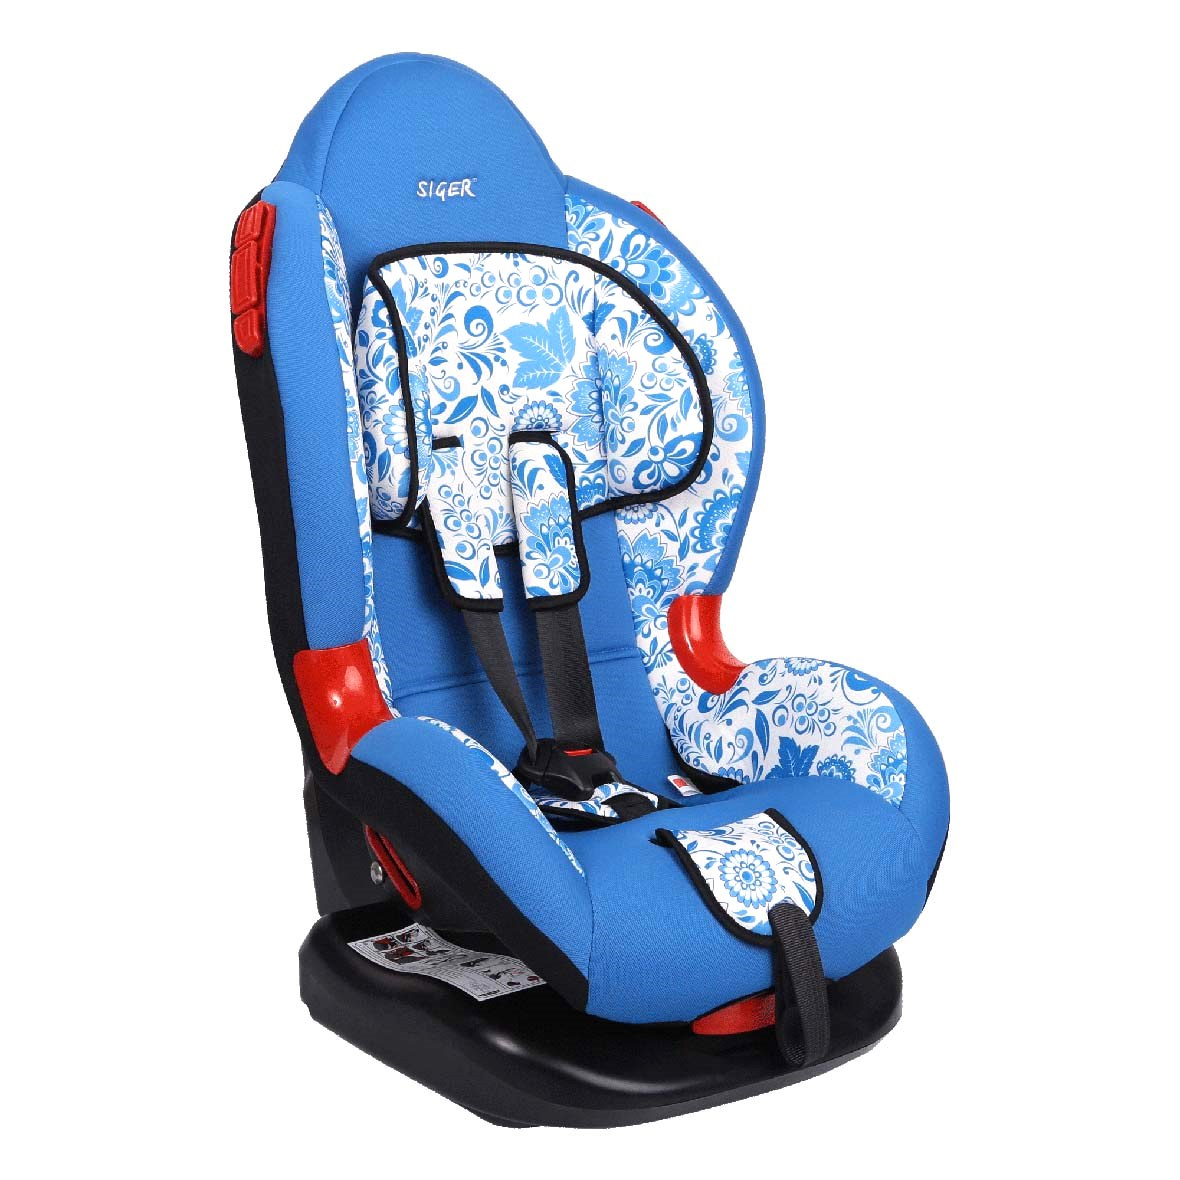 Кресло детское автомобильное SigerДетские автокресла<br>Группа: 1/2 (9-25 кг), Внутренние ремни: есть, Способ установки: лицом вперед, Регулировка наклона спинки: есть, Регулировка внутренних ремней: есть, Съемный чехол: есть<br>